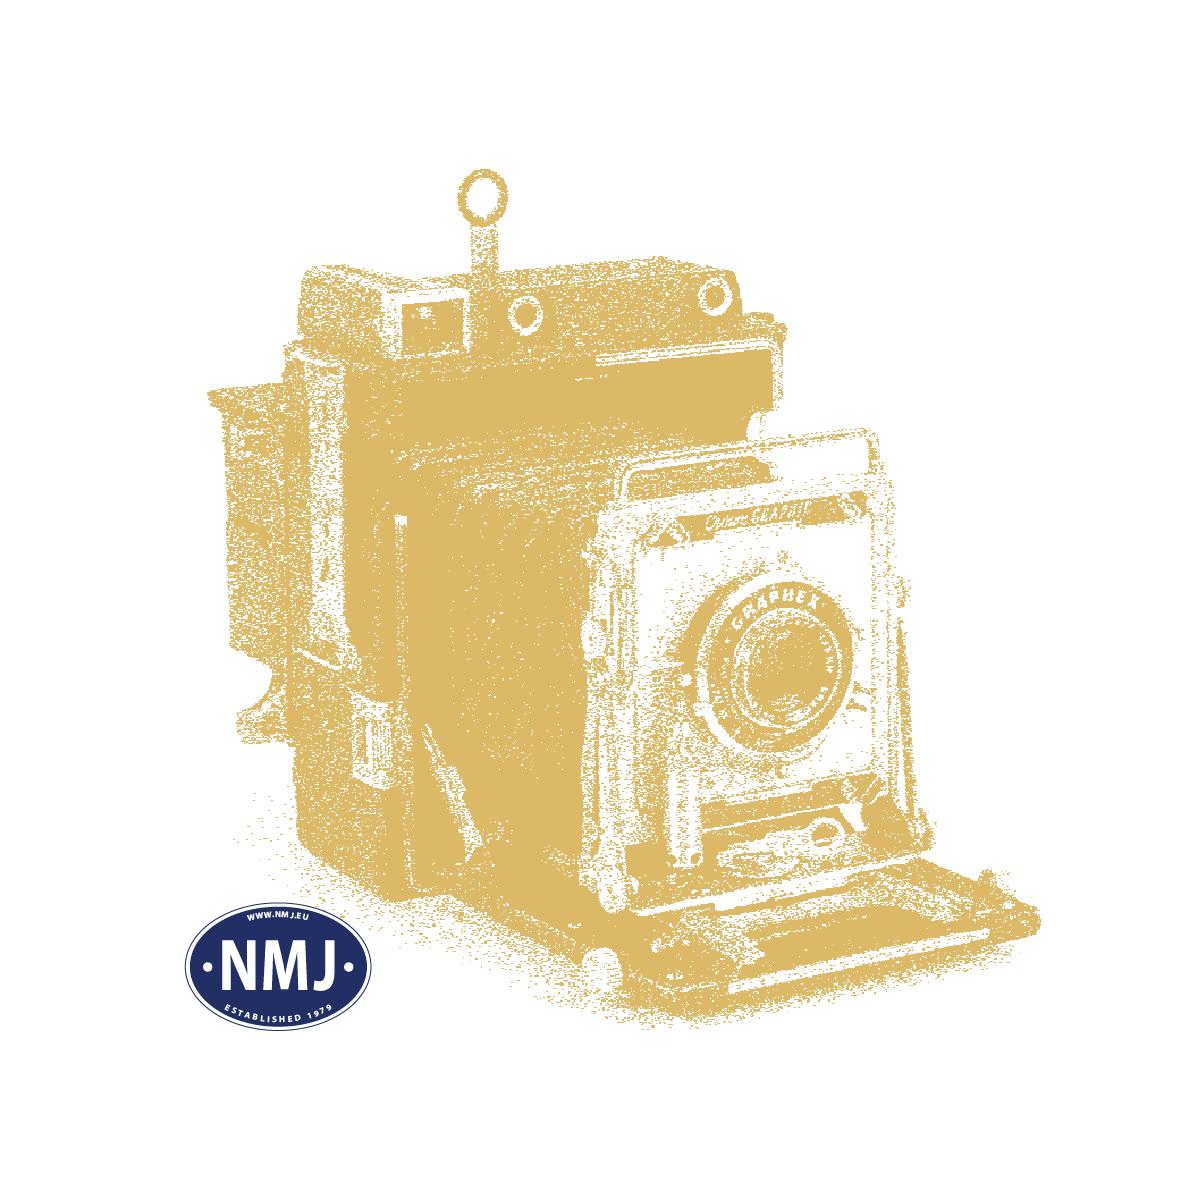 NMJT506.306 - NMJ Topline NSB Xbms 40 76 953 5013-9, Redskaps og verkstedvogn